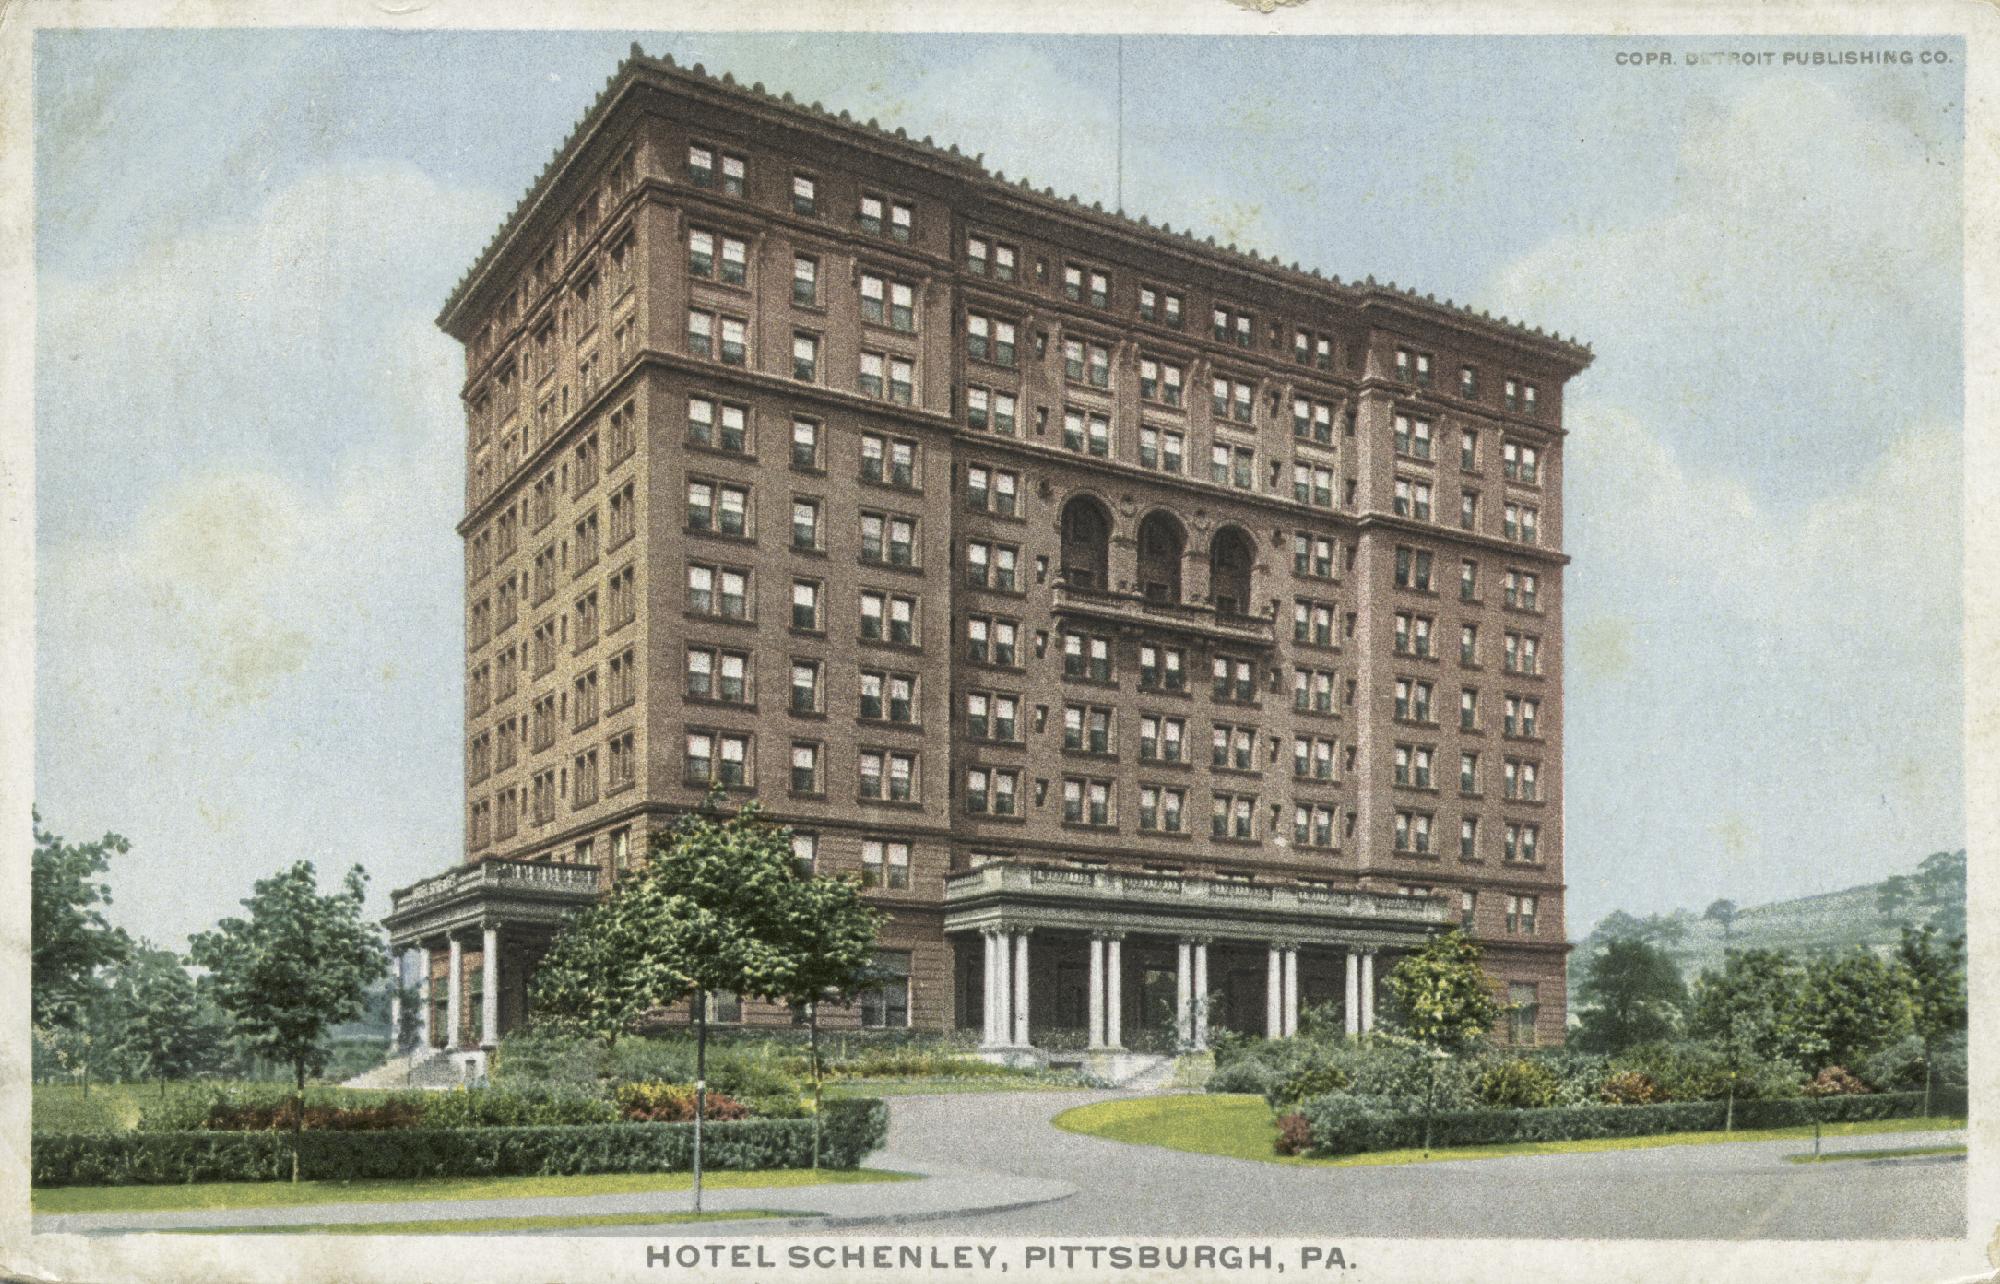 Hotel Schenley